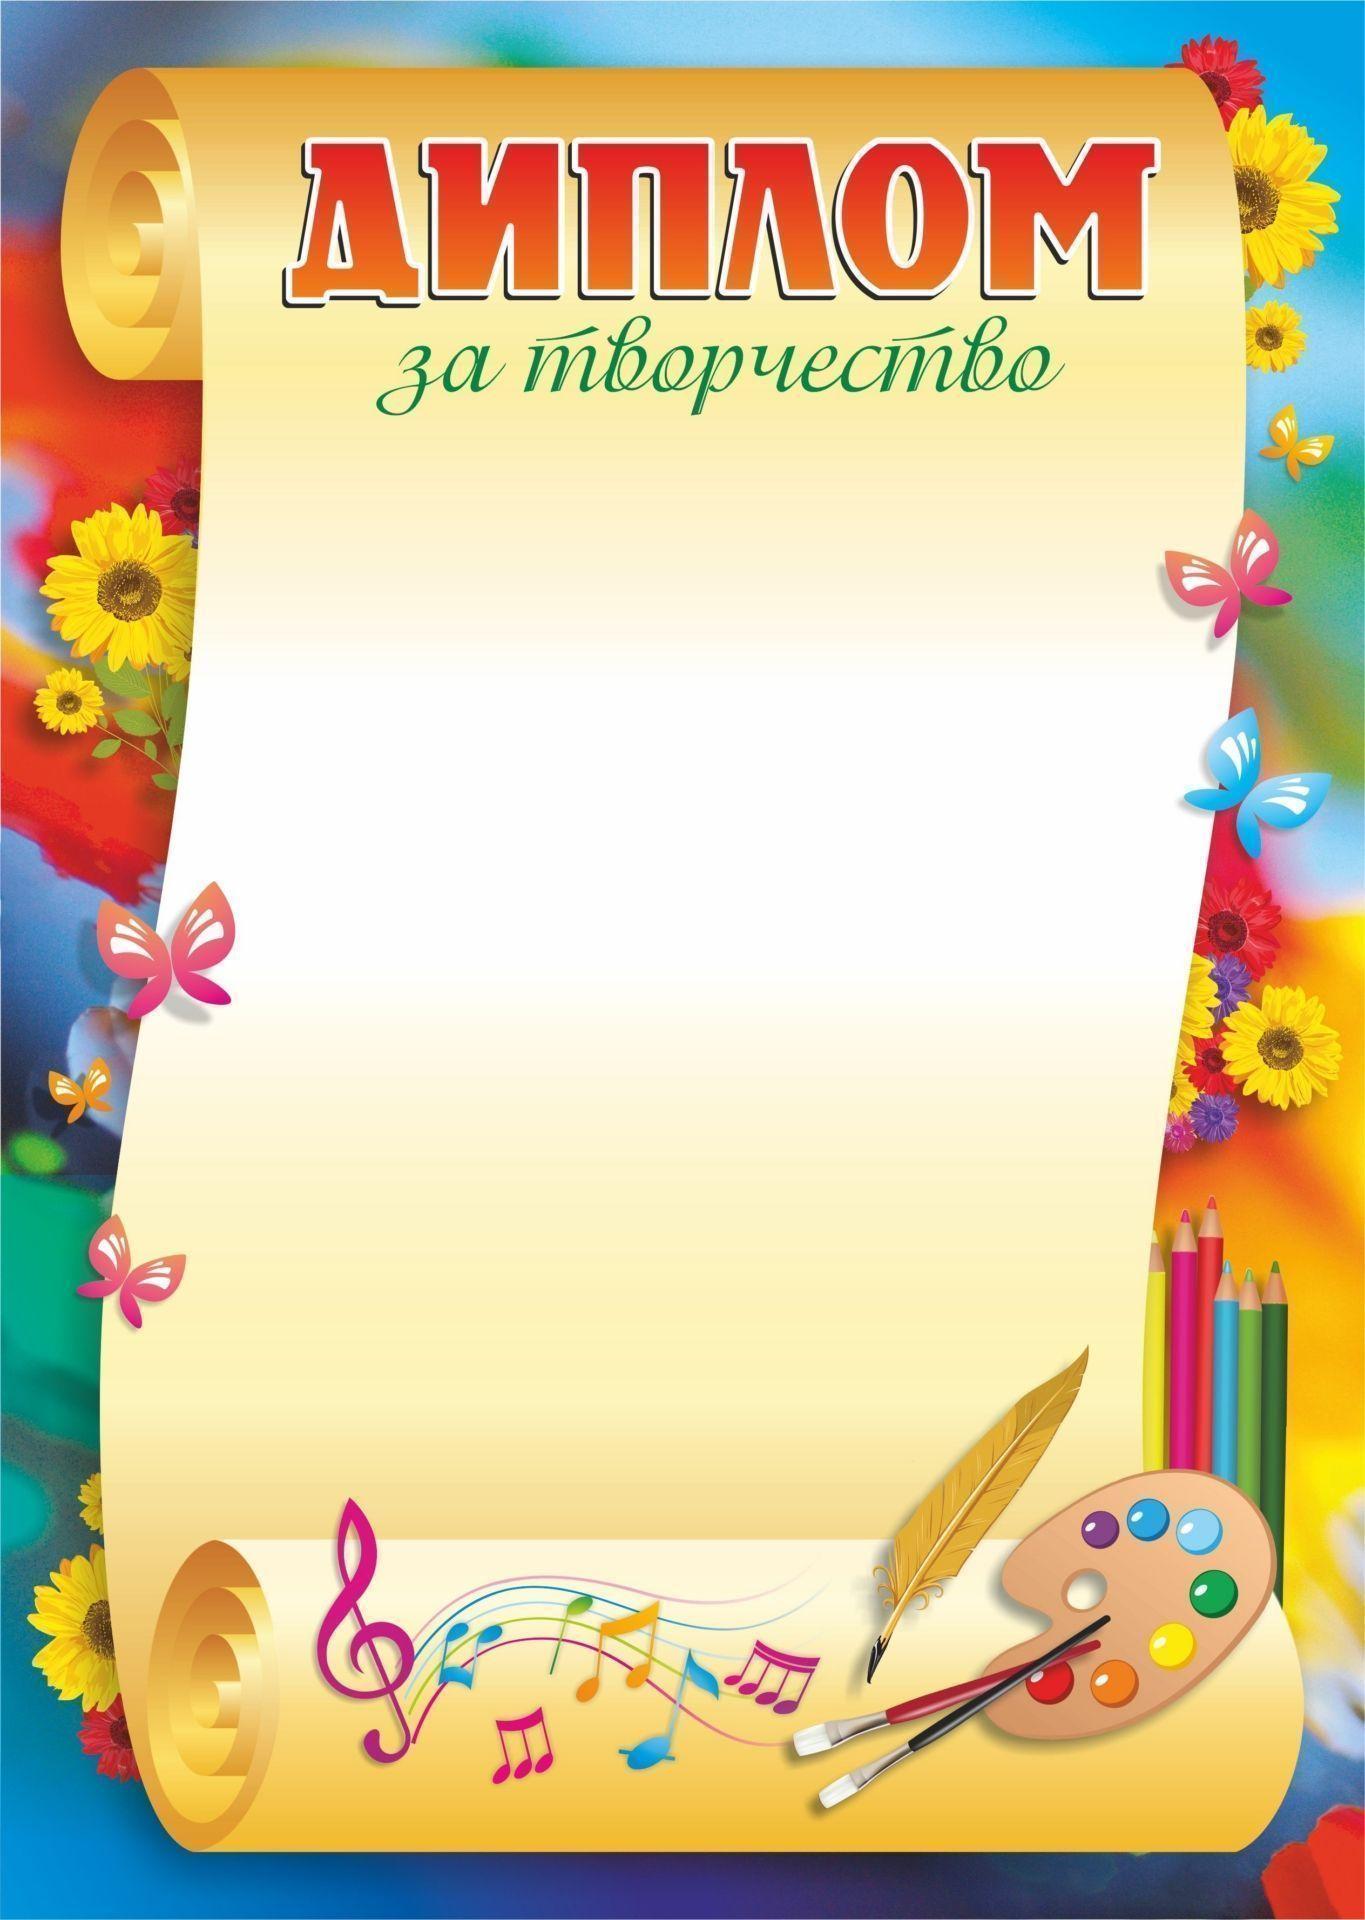 Диплом за творчество (детский)Учащимся<br>Материалы:иллюстрации - бумага мелованная, пл. 250.00.<br><br>Год: 2017<br>Высота: 297<br>Ширина: 210